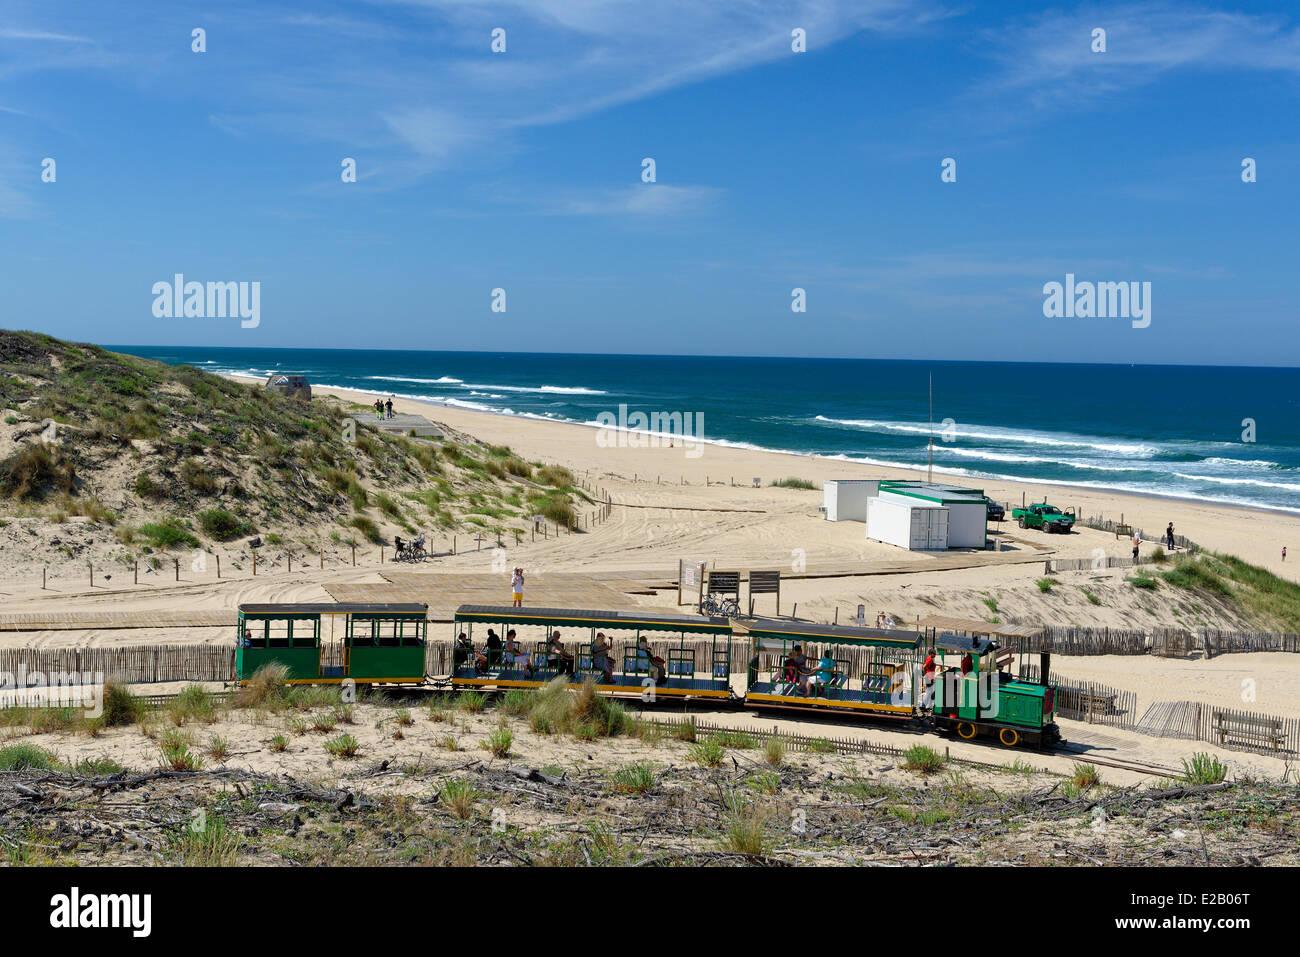 France, Gironde, Arcachon, Cap Ferret, Plage de l'Horizon, Petit train vert pistes dans les dunes de sable avec Photo Stock